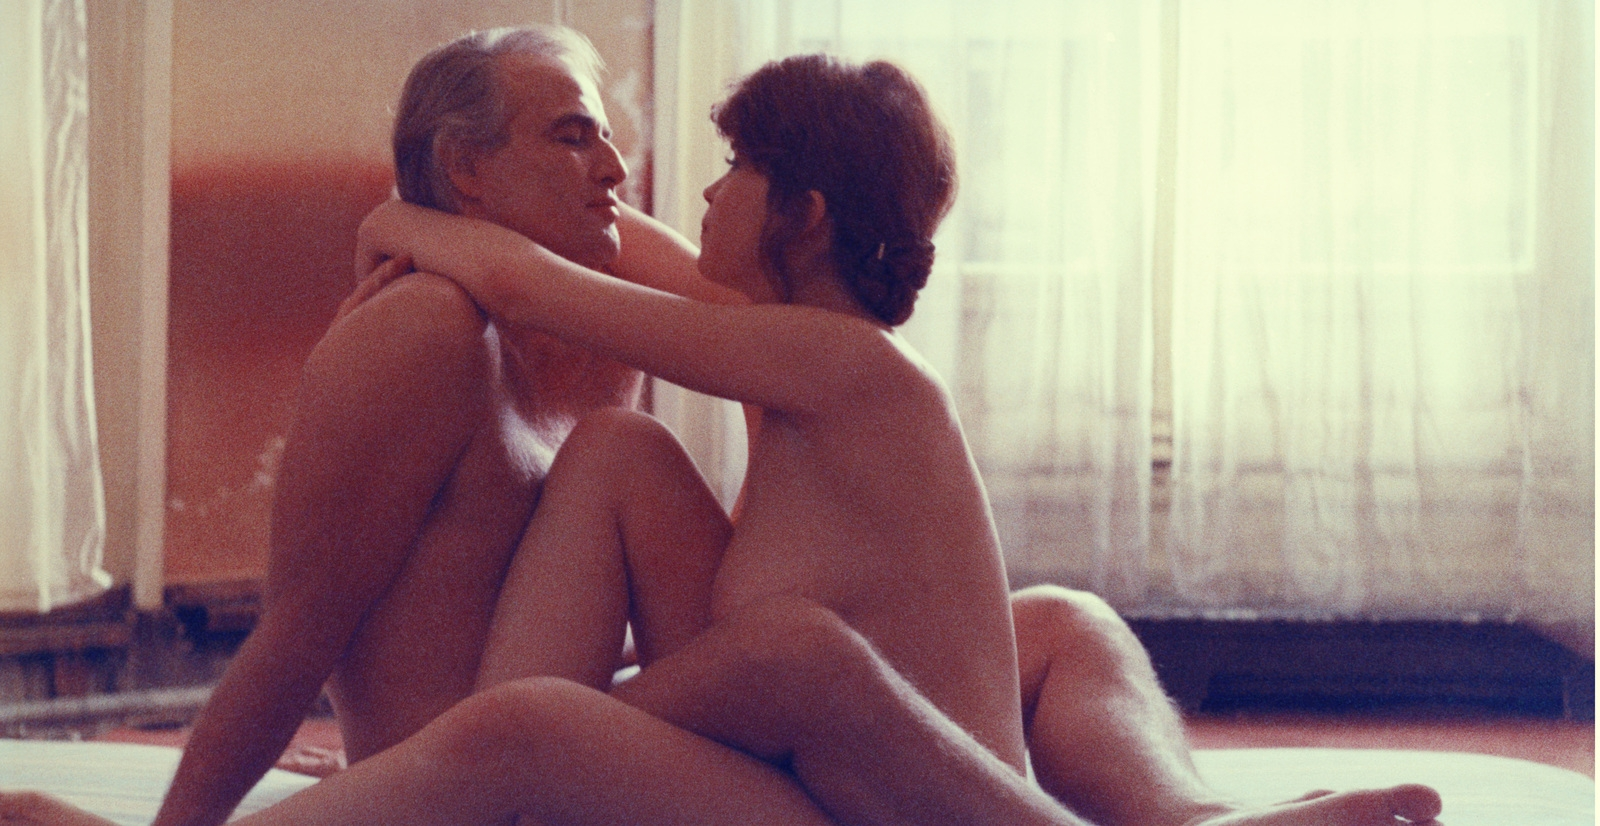 Last Tango in Paris. 1972 image